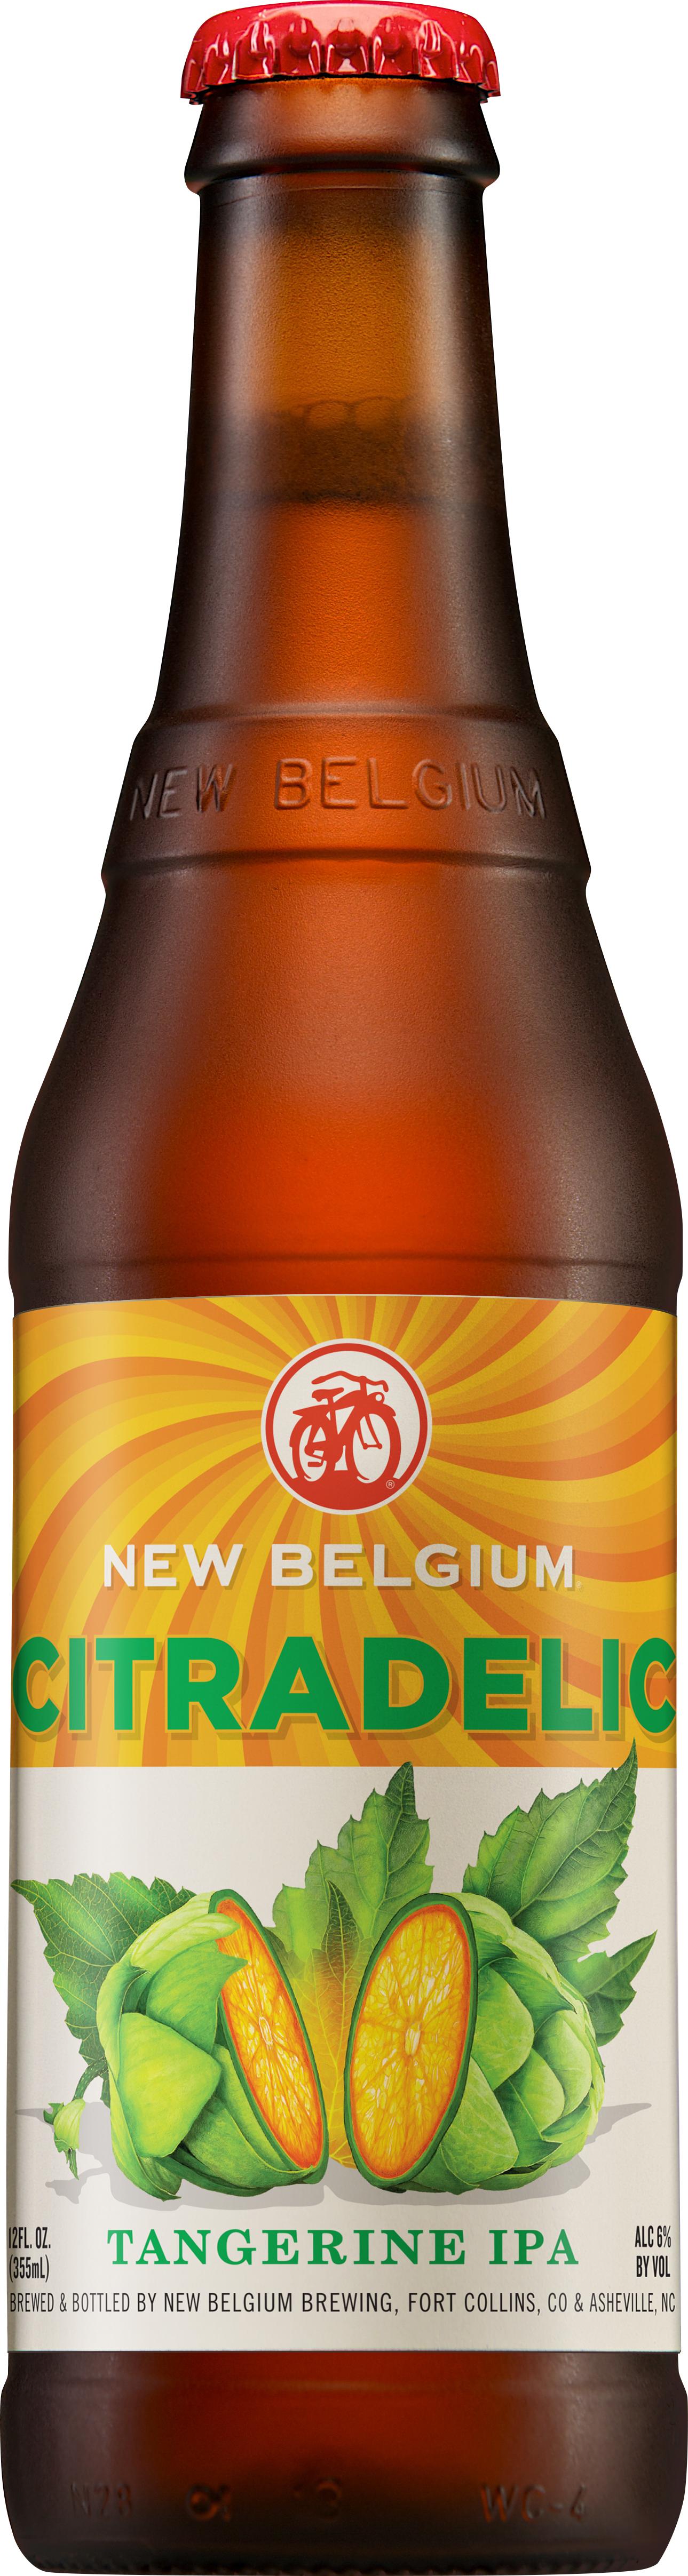 new-belgium-citradelictangerine_12oz_bottle-jpg